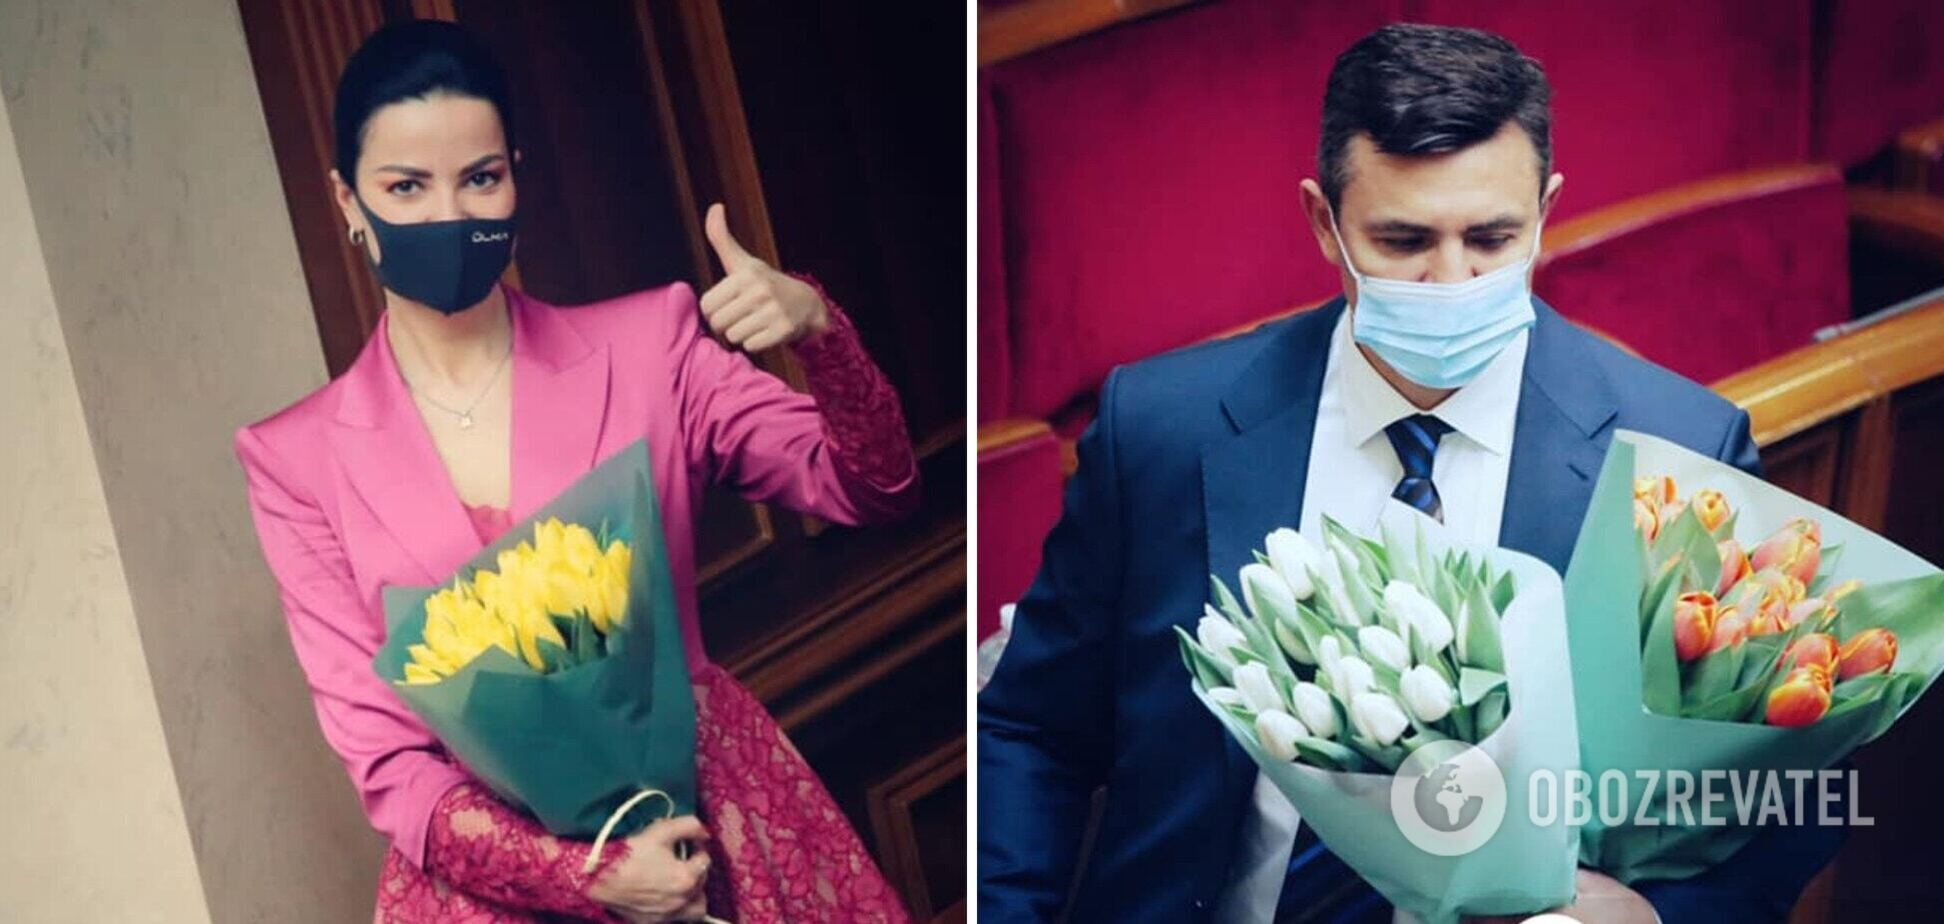 Оксана Дмитриева и Николай Тищенко